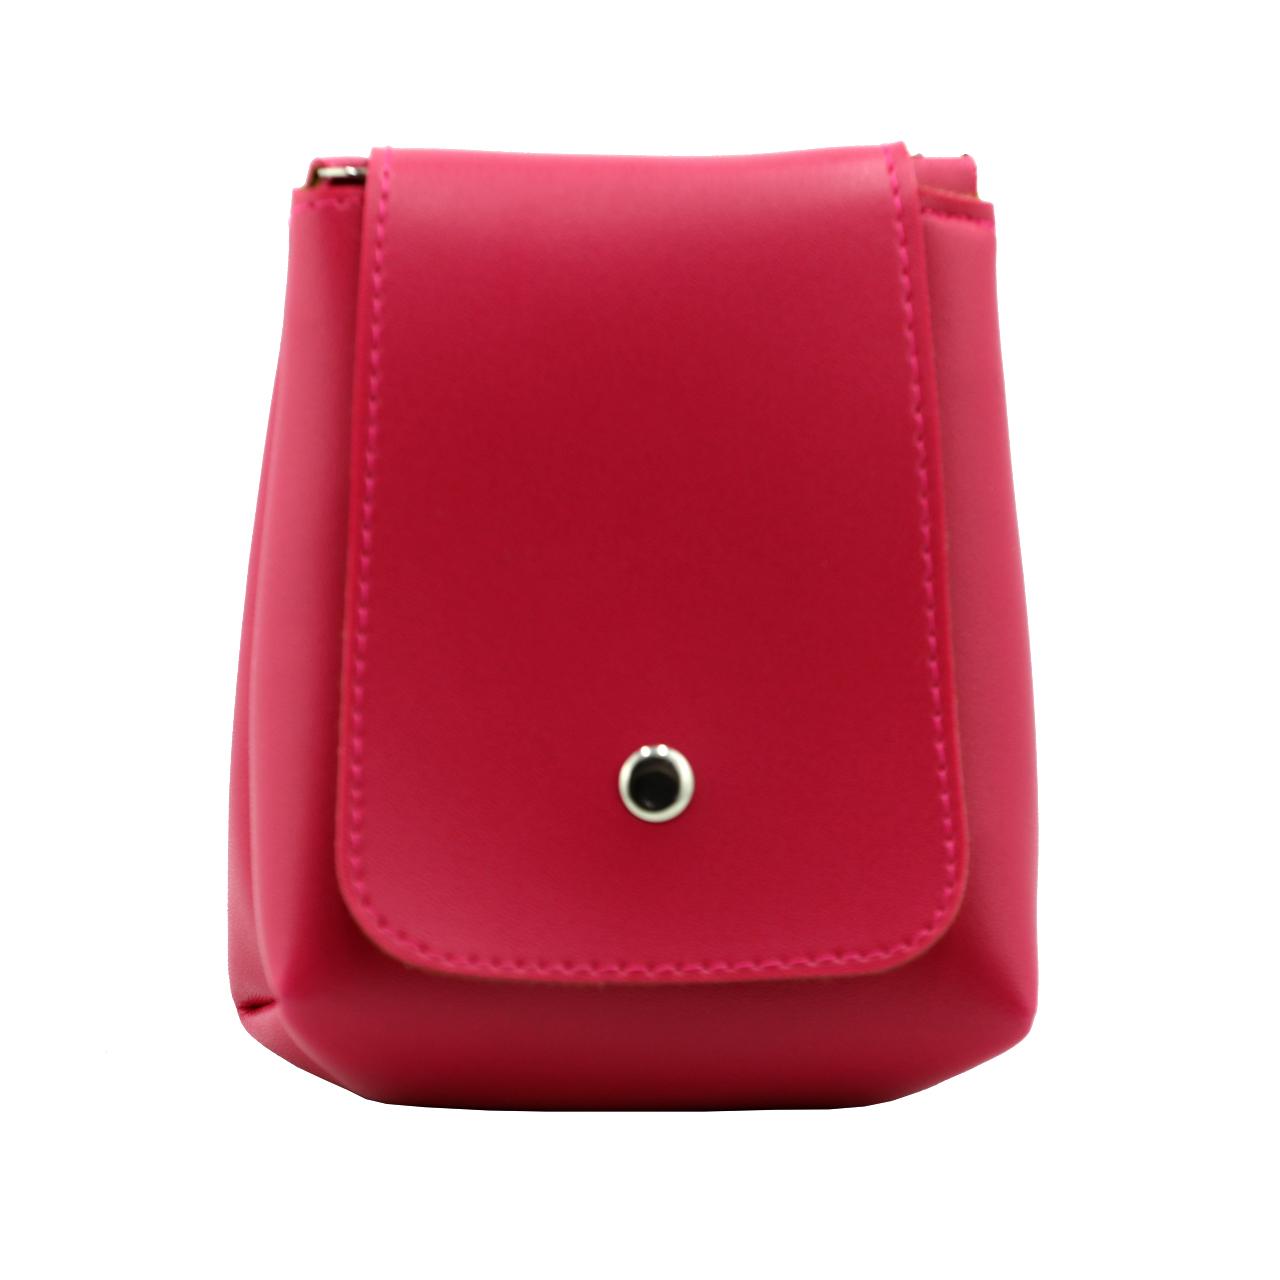 خرید                                     کیف کمری زنانه مدل brfp